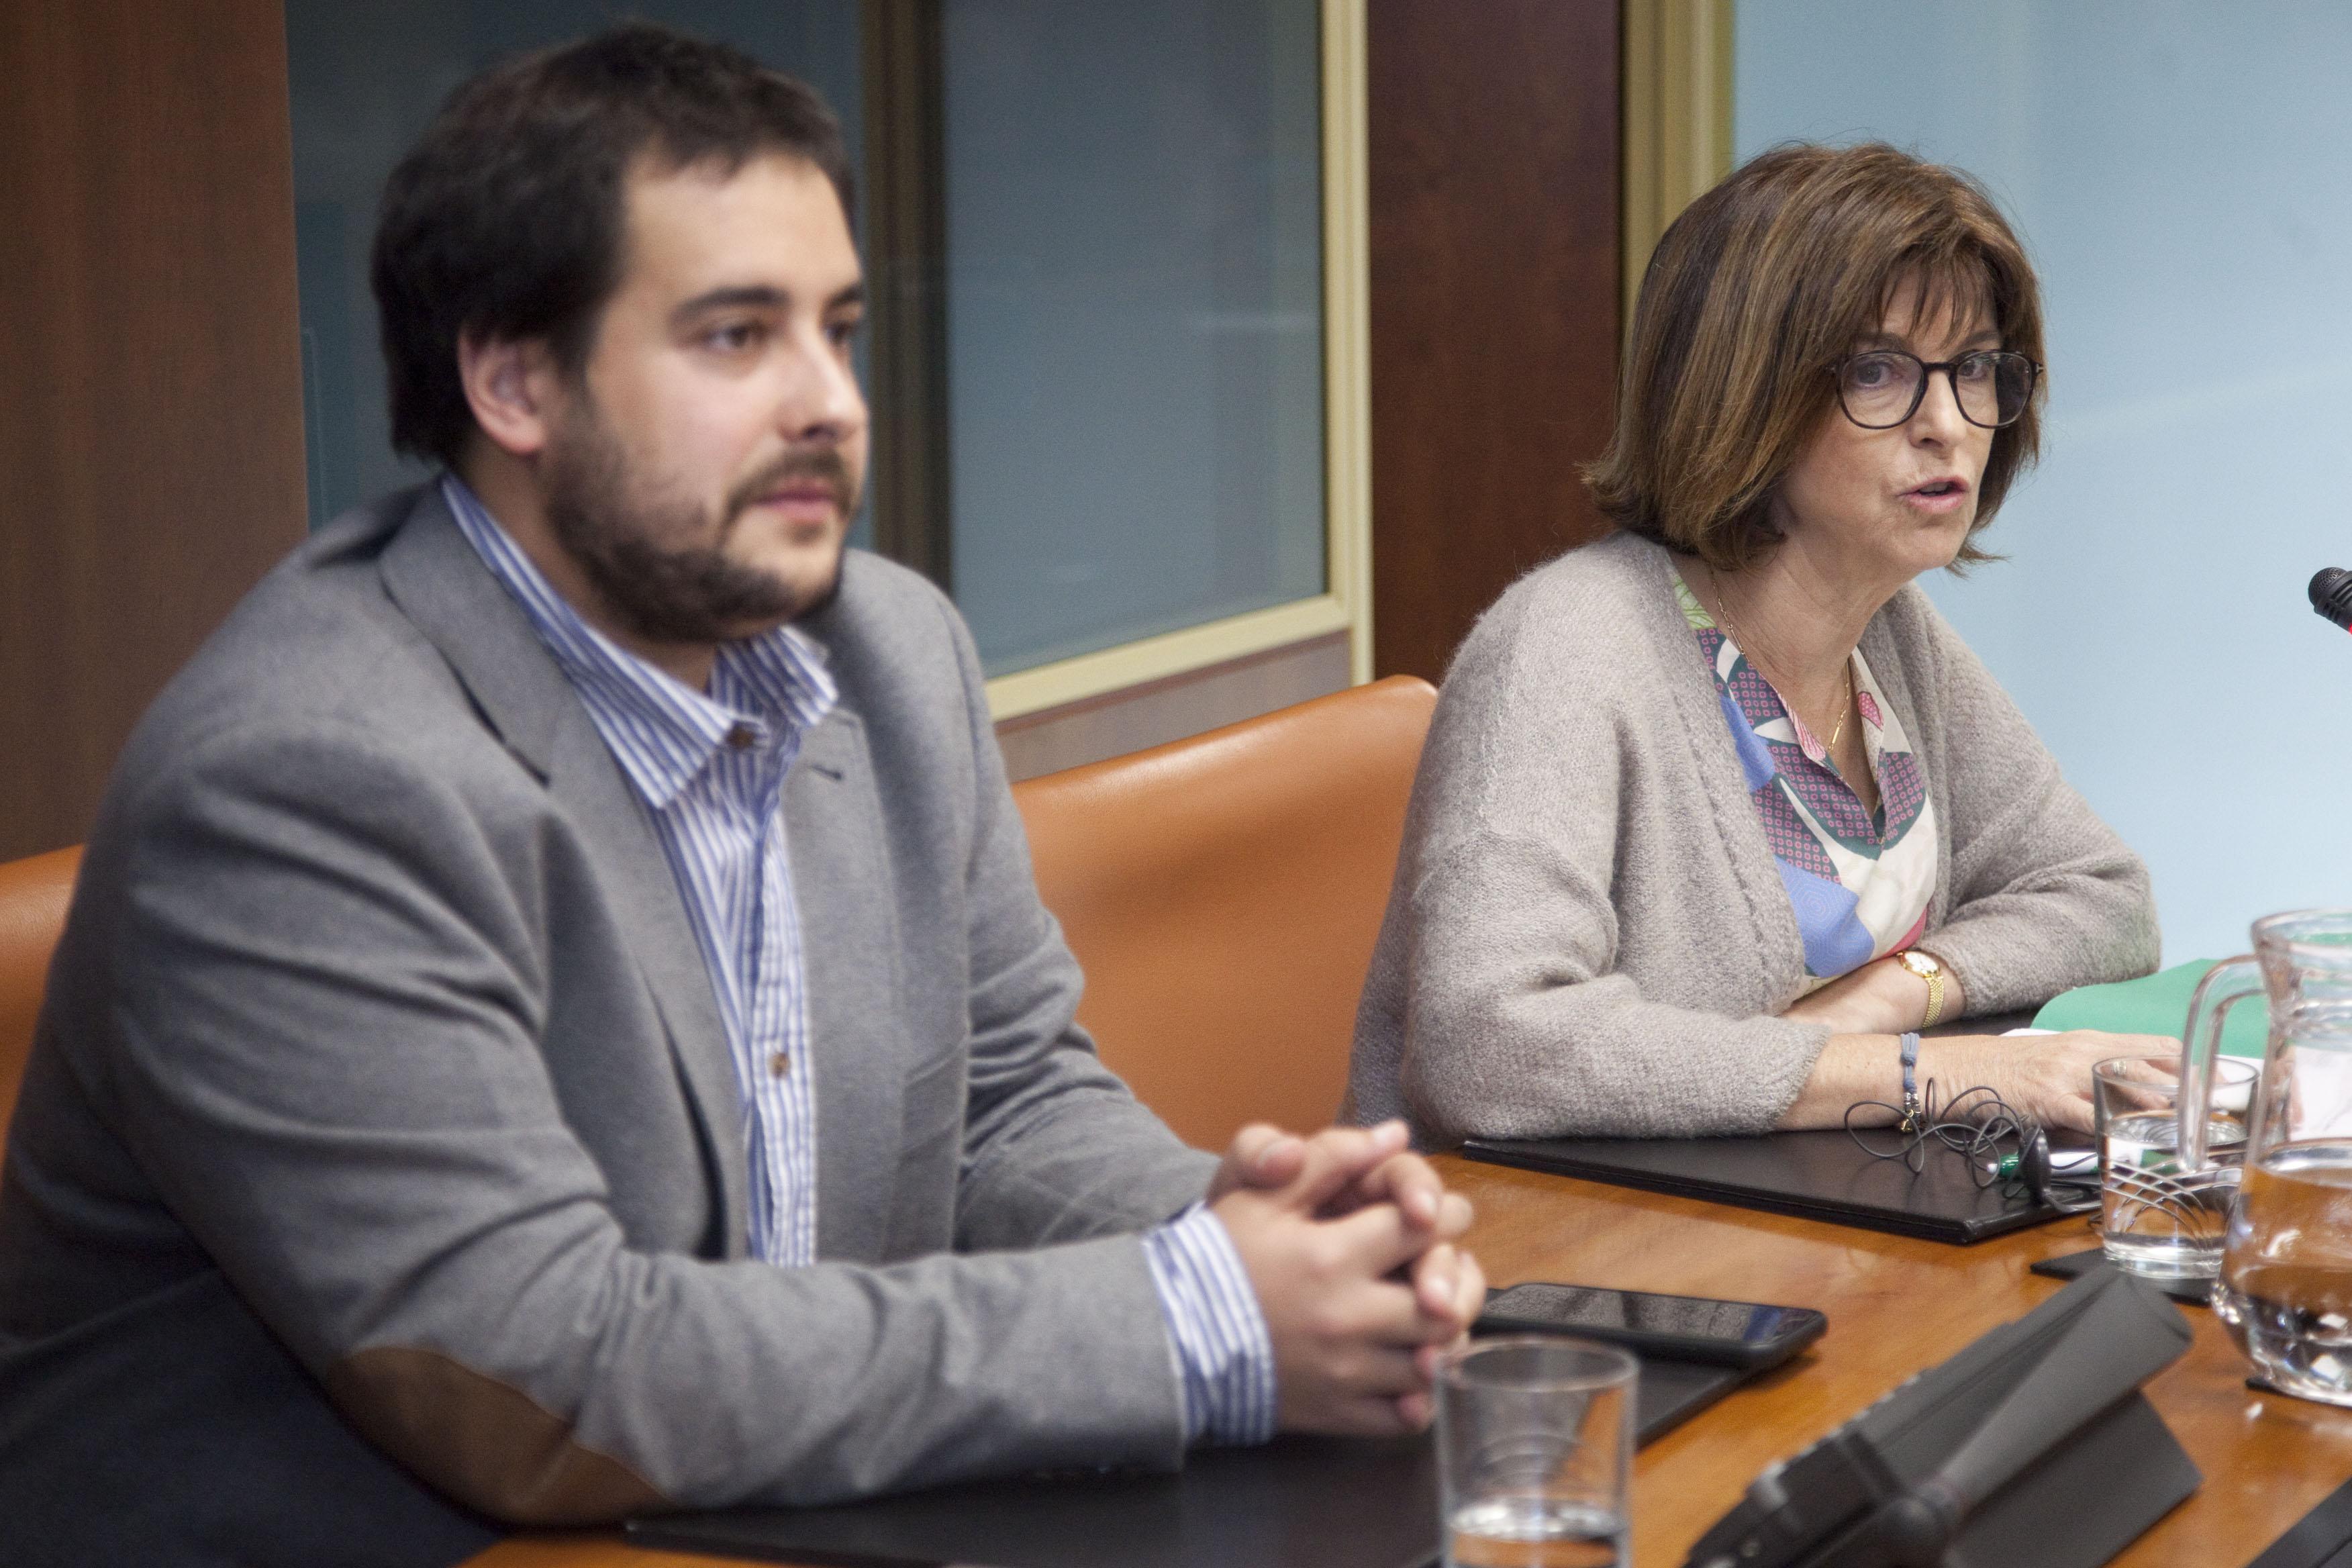 Osakidetza presenta en el Parlamento Vasco un nuevo modelo de OPE de aplicación progresiva que busca el máximo consenso